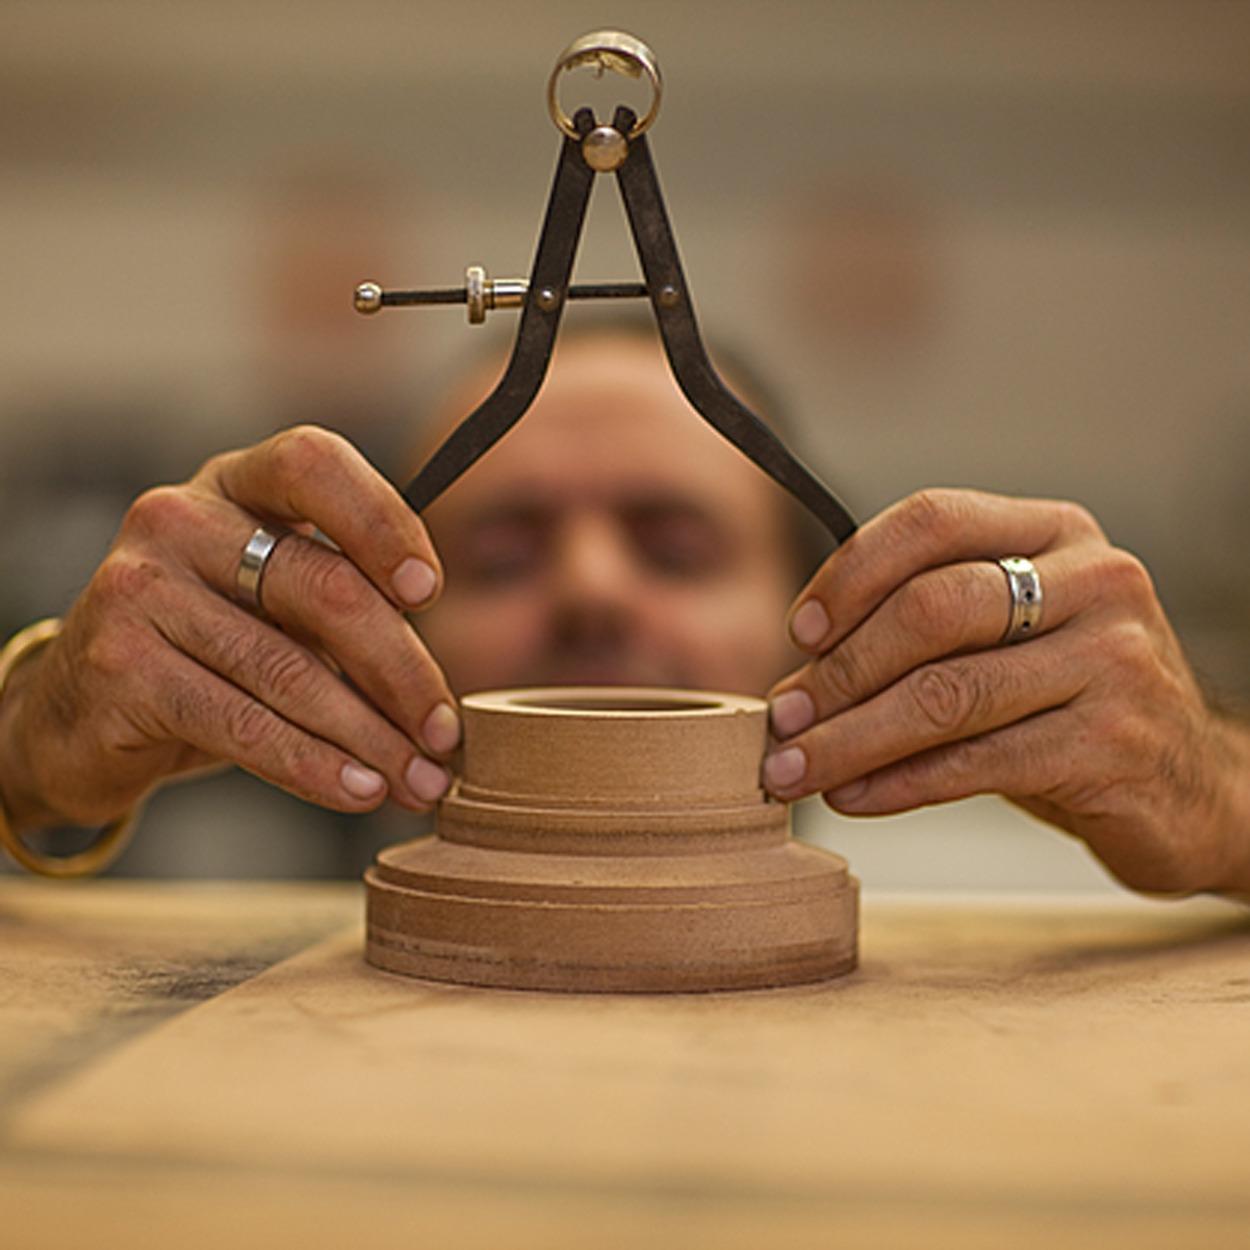 mon-histoire-matoupie-jean-pierre-de-siebenthal-artisan-local-faiseur-de-toupies-fabrication-suisse